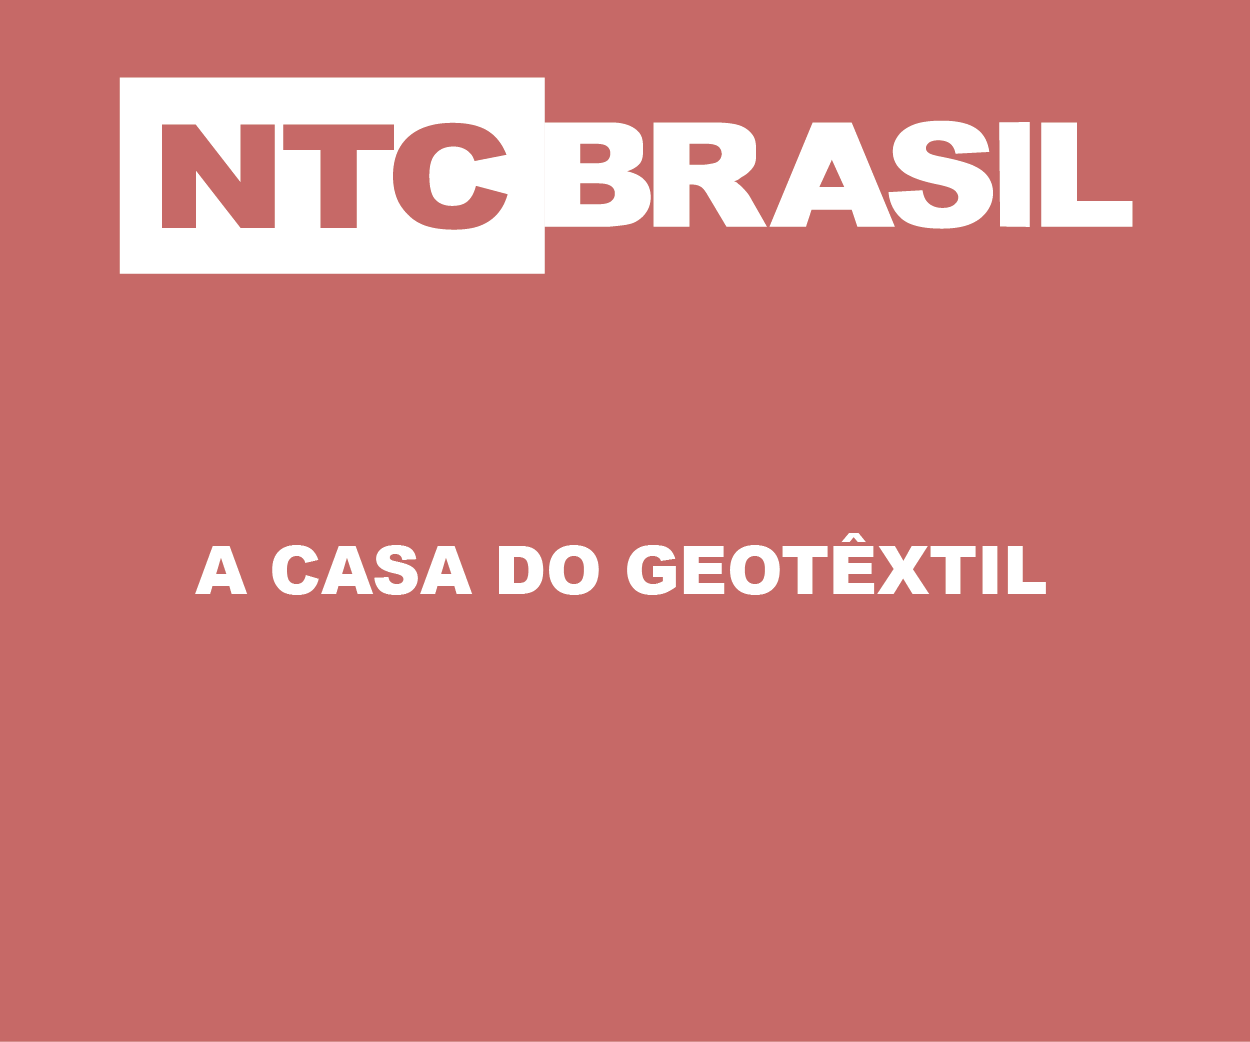 NTC Brasil - A Casa do Geotêxtil